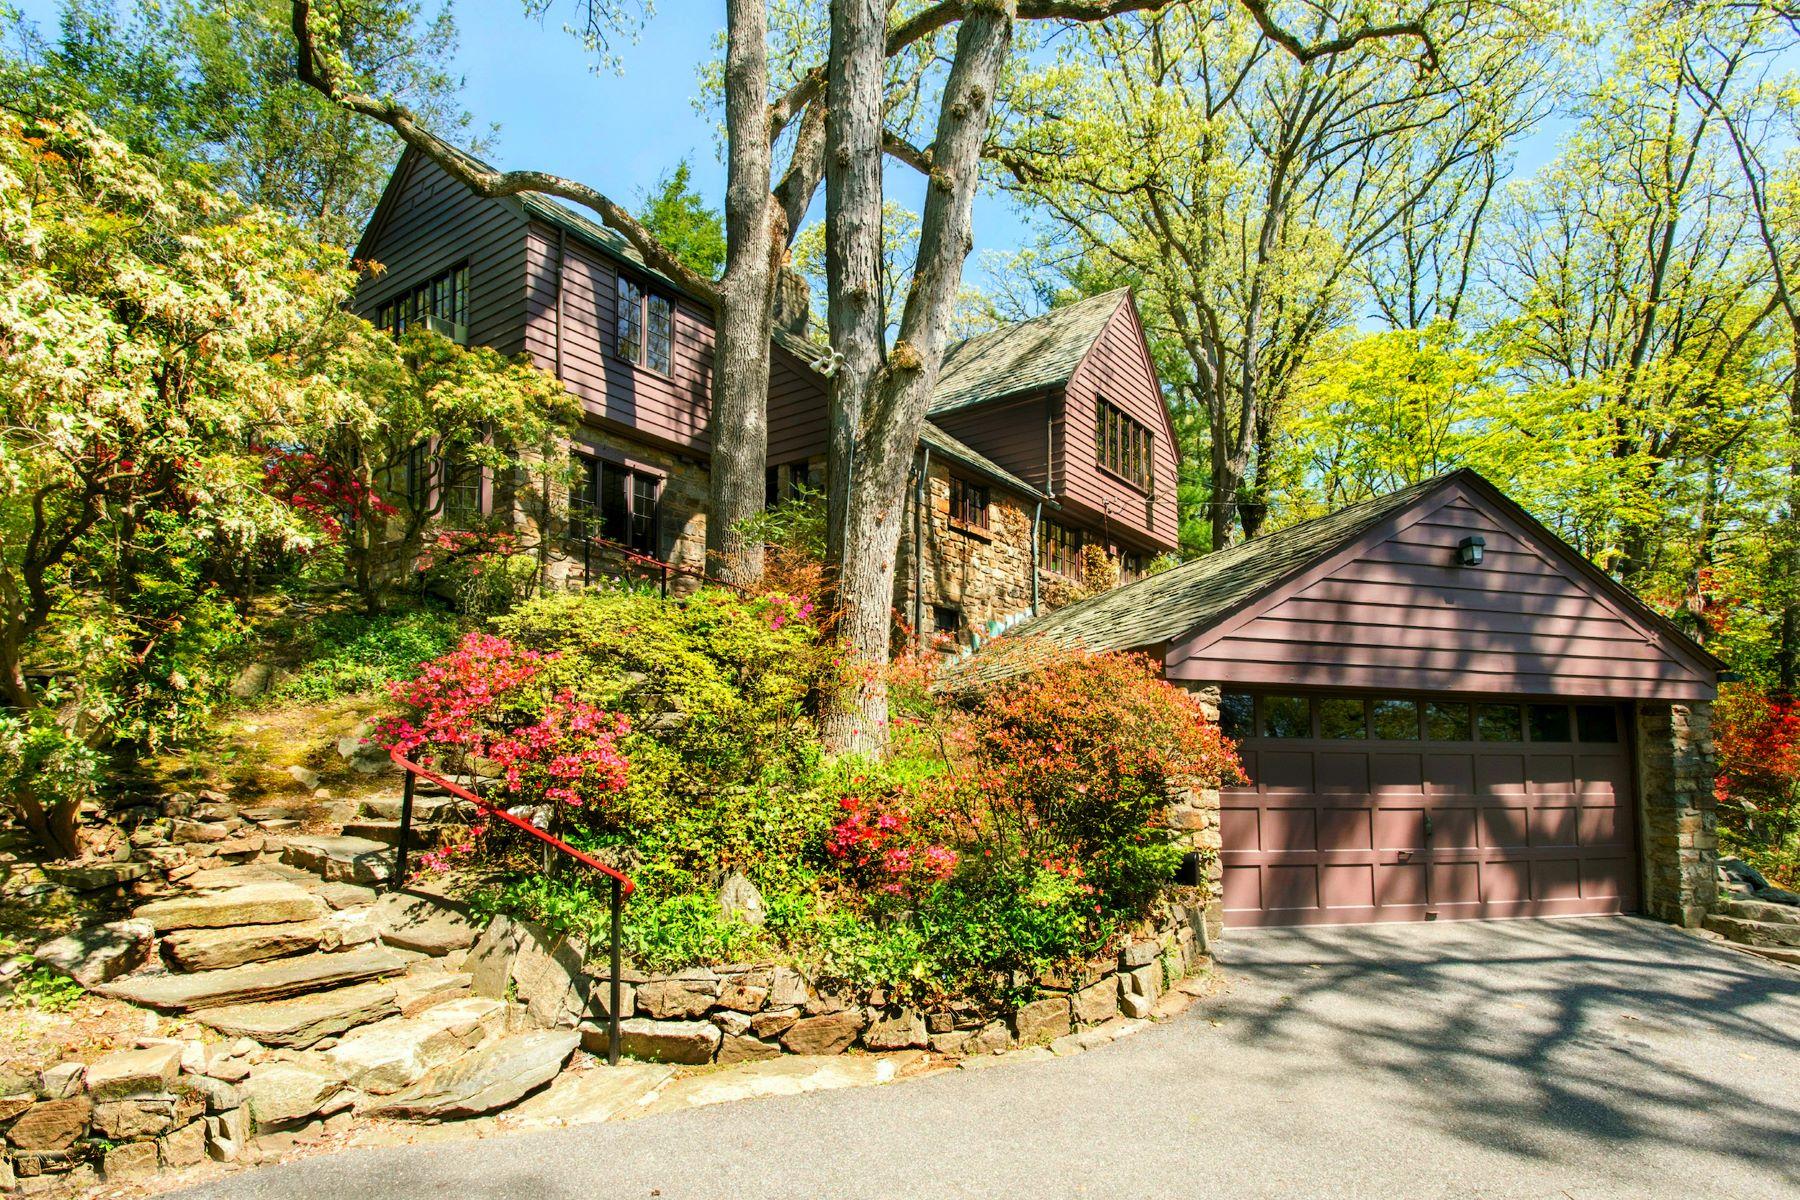 Частный односемейный дом для того Продажа на 75 Mercer 75 Mercer Avenue Greenburgh, Нью-Йорк 10530 Соединенные Штаты